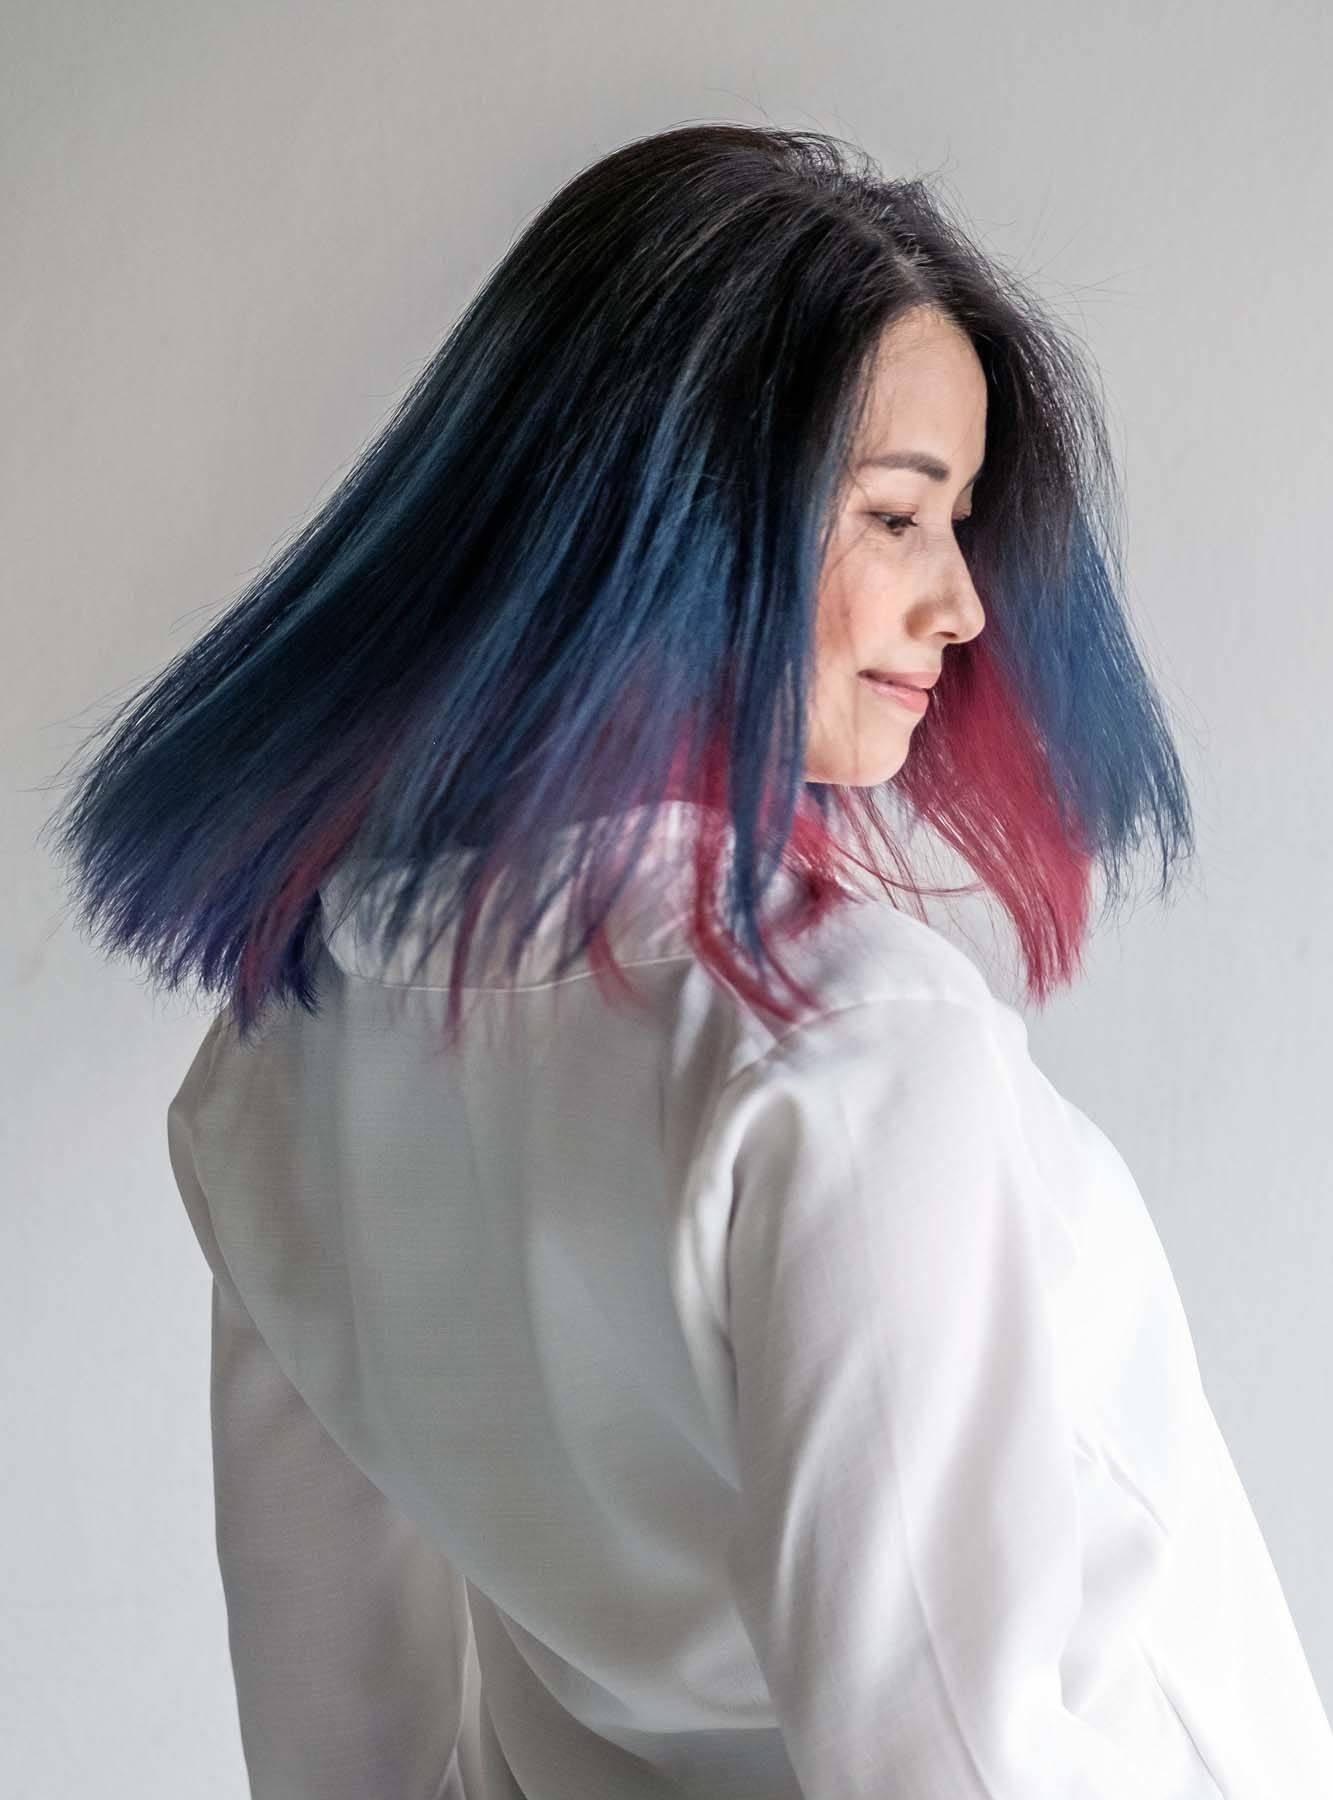 ผู้หญิงเอเชีย สวมเสื้อเชิ้ตสีขาว ผมสีแดง ผมสีฟ้า